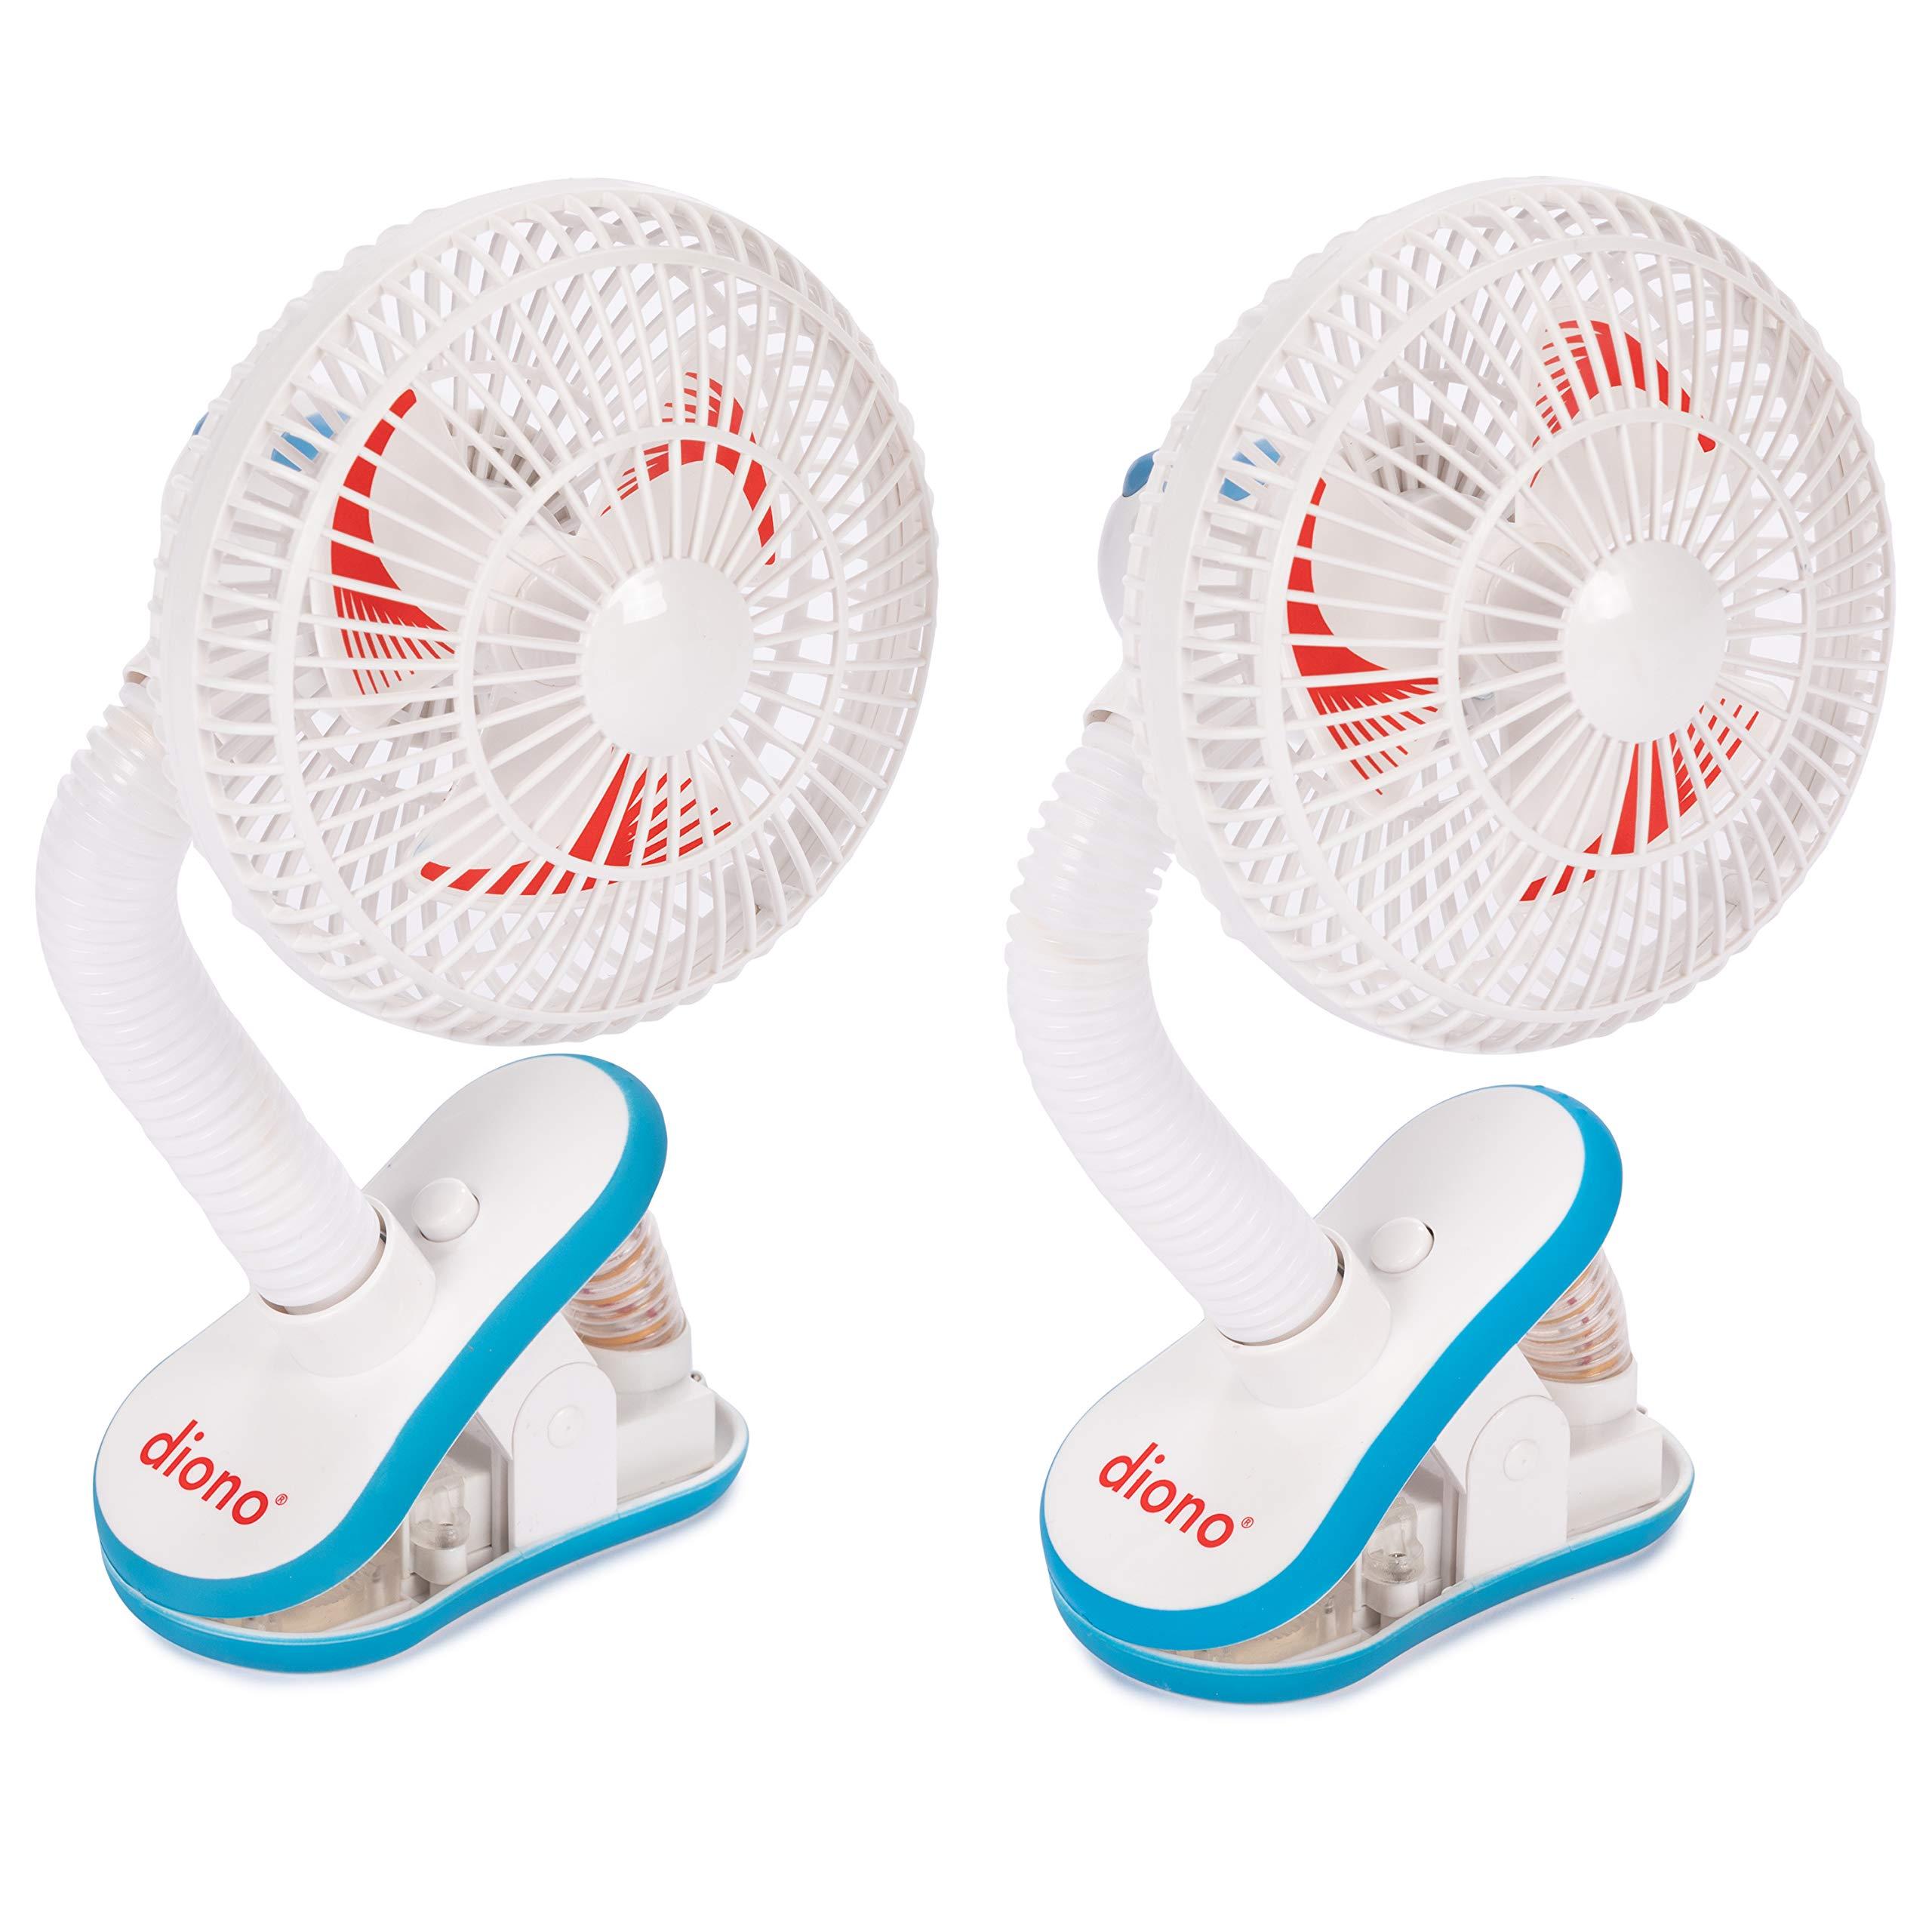 Diono Two2Go Stroller Fan, White